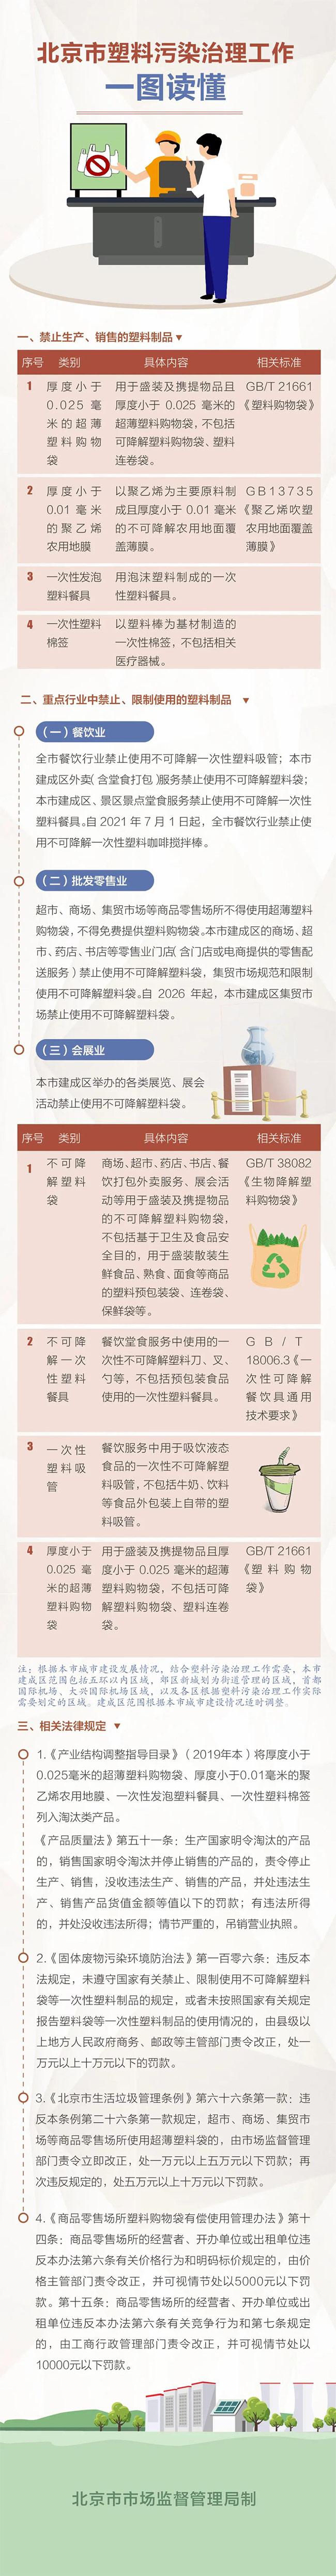 北京塑料污染治理工作詳解來了!這些塑料制品將禁產禁售